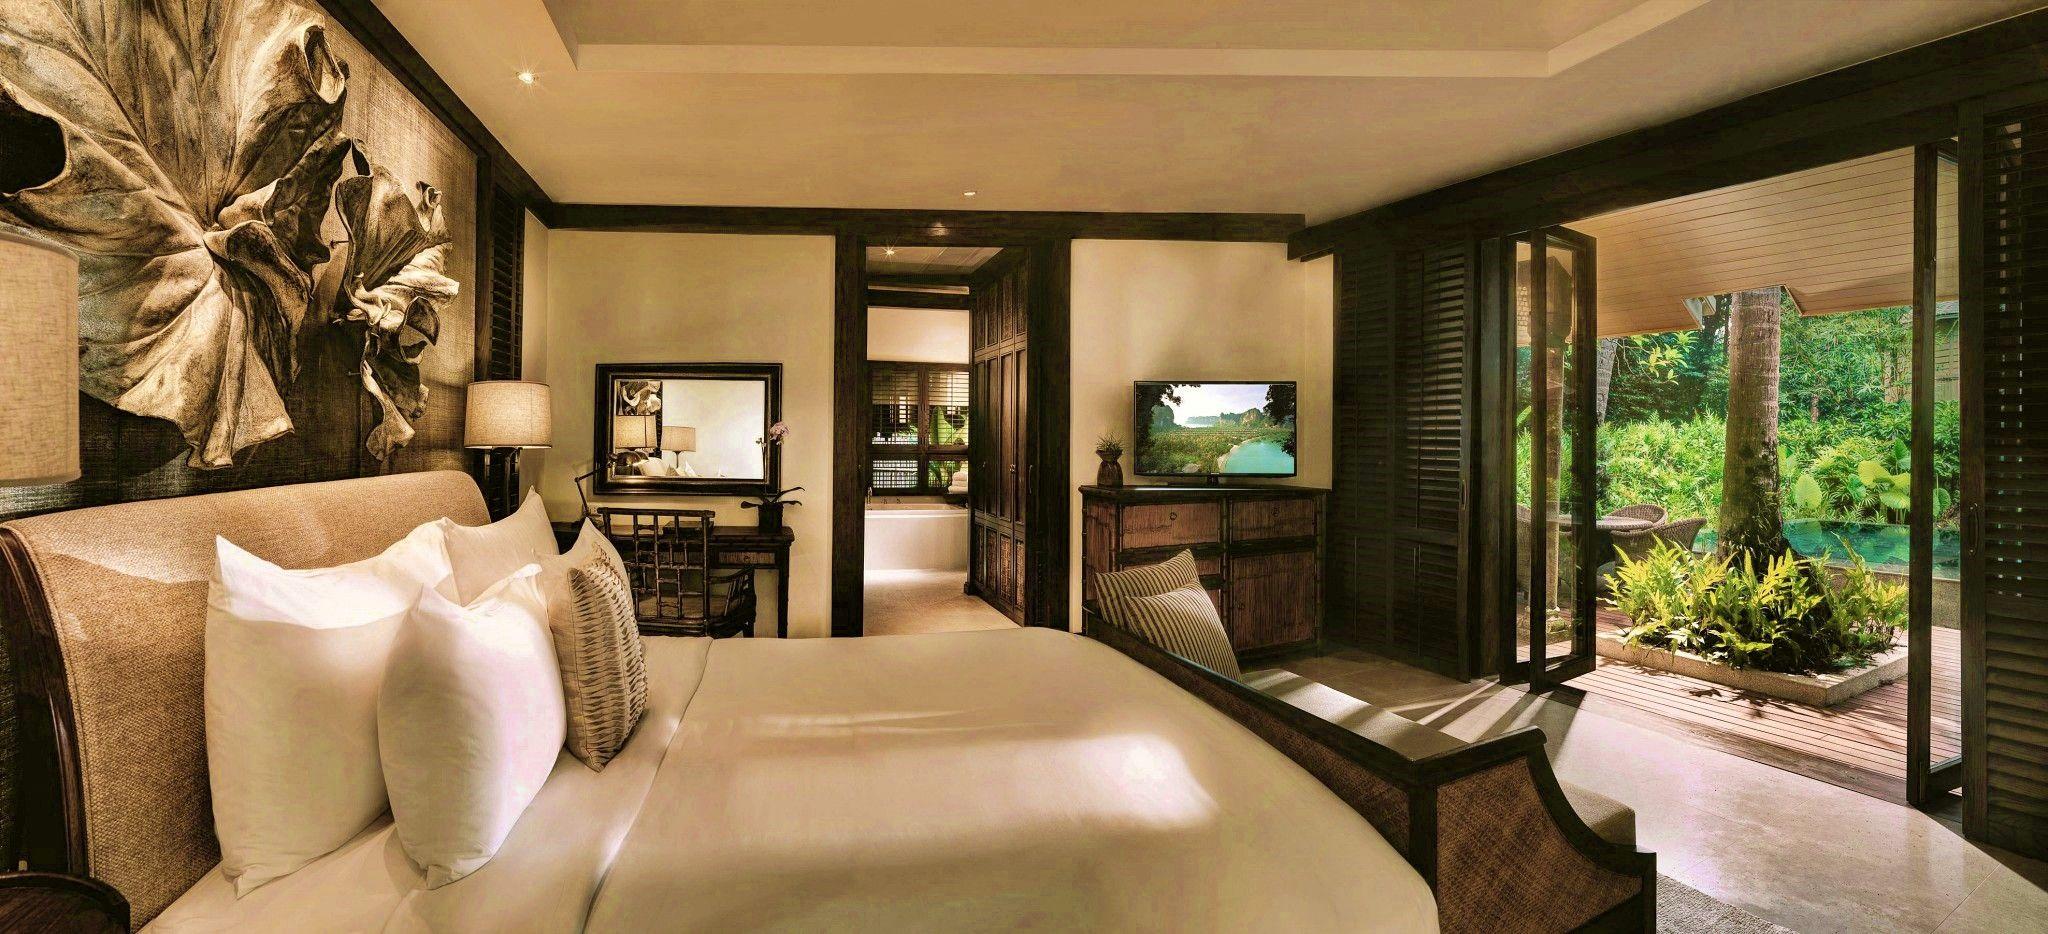 Ein großes Schlafzimmer mit Blick in den umgebenden Dschungel